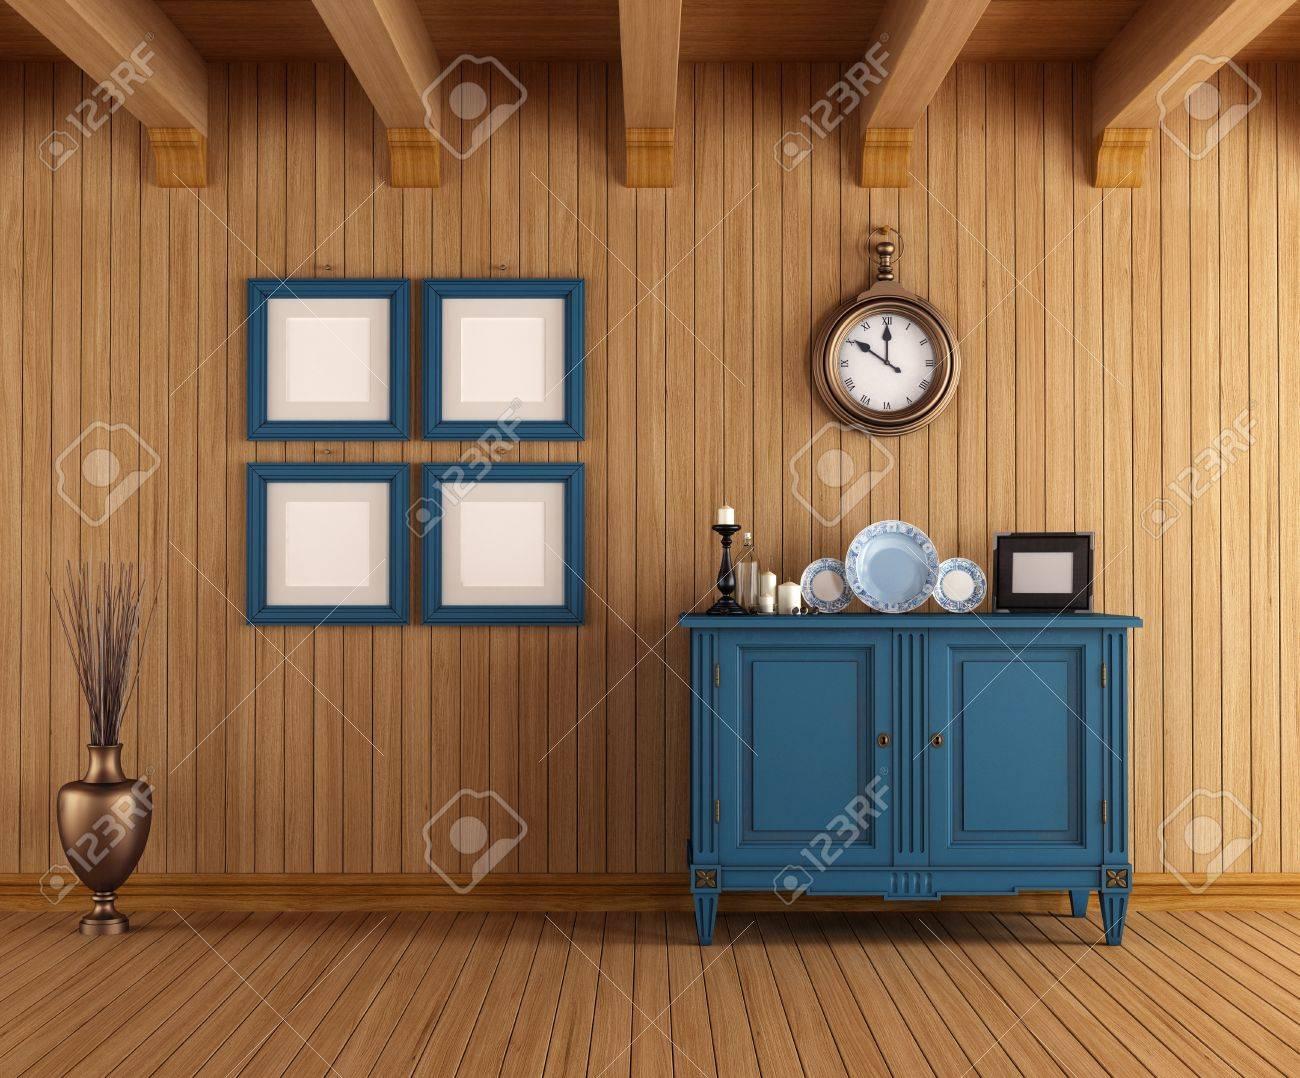 Case Di Campagna Interni : Immagini stock interni in legno di una casa di campagna con comò